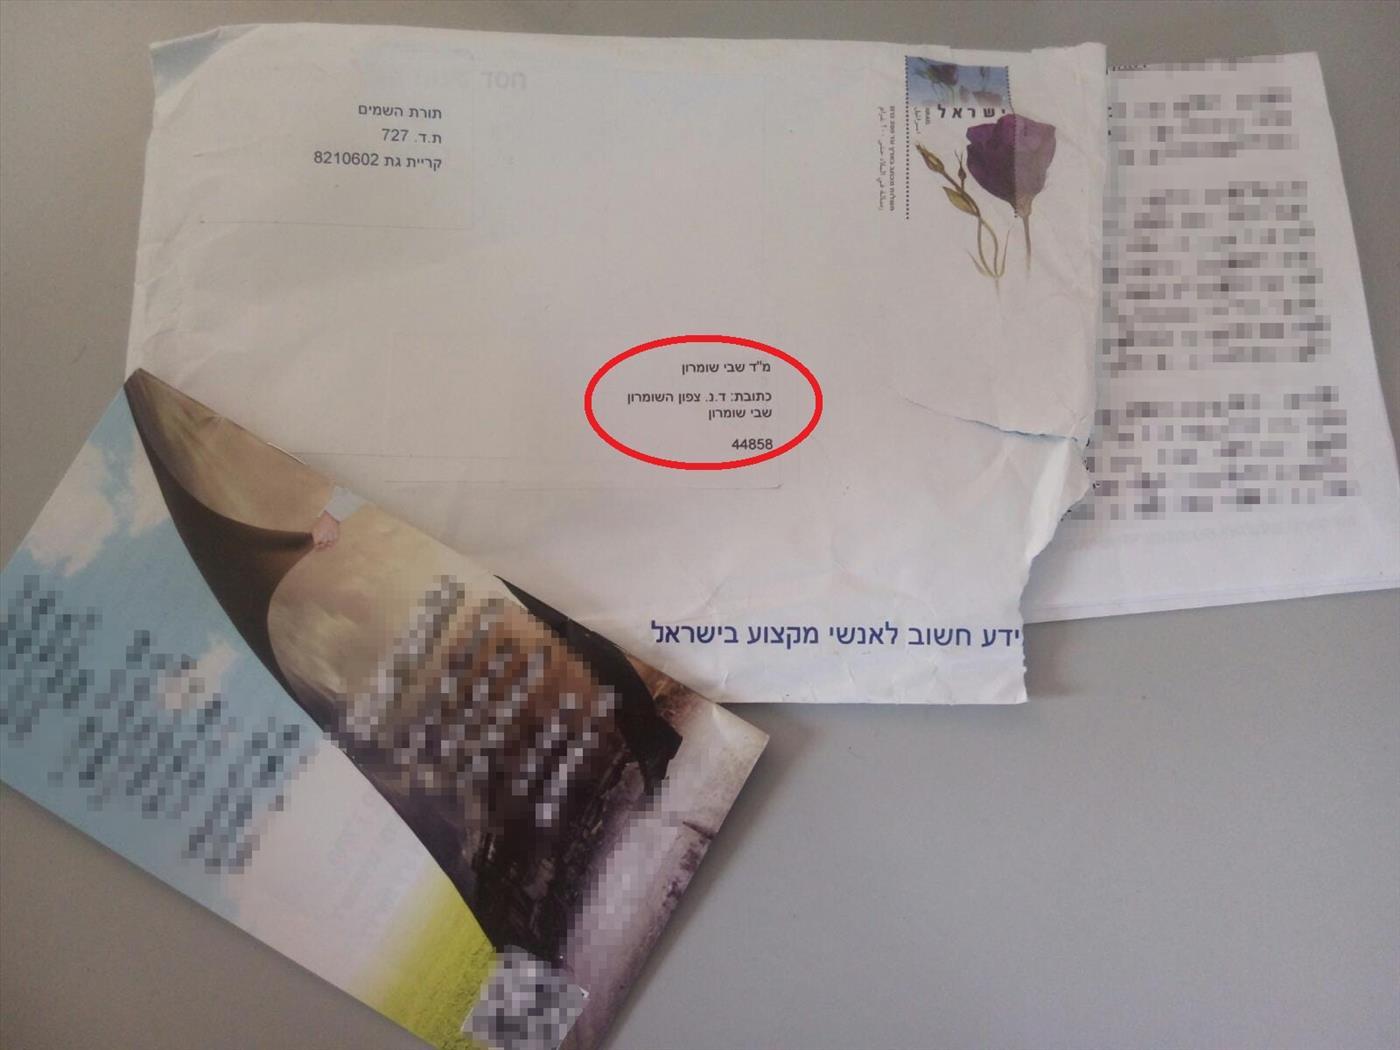 """חומר מיסיונרי שהגיע לממ""""ד שבי שומרון (צילום: הקול היהודי)"""